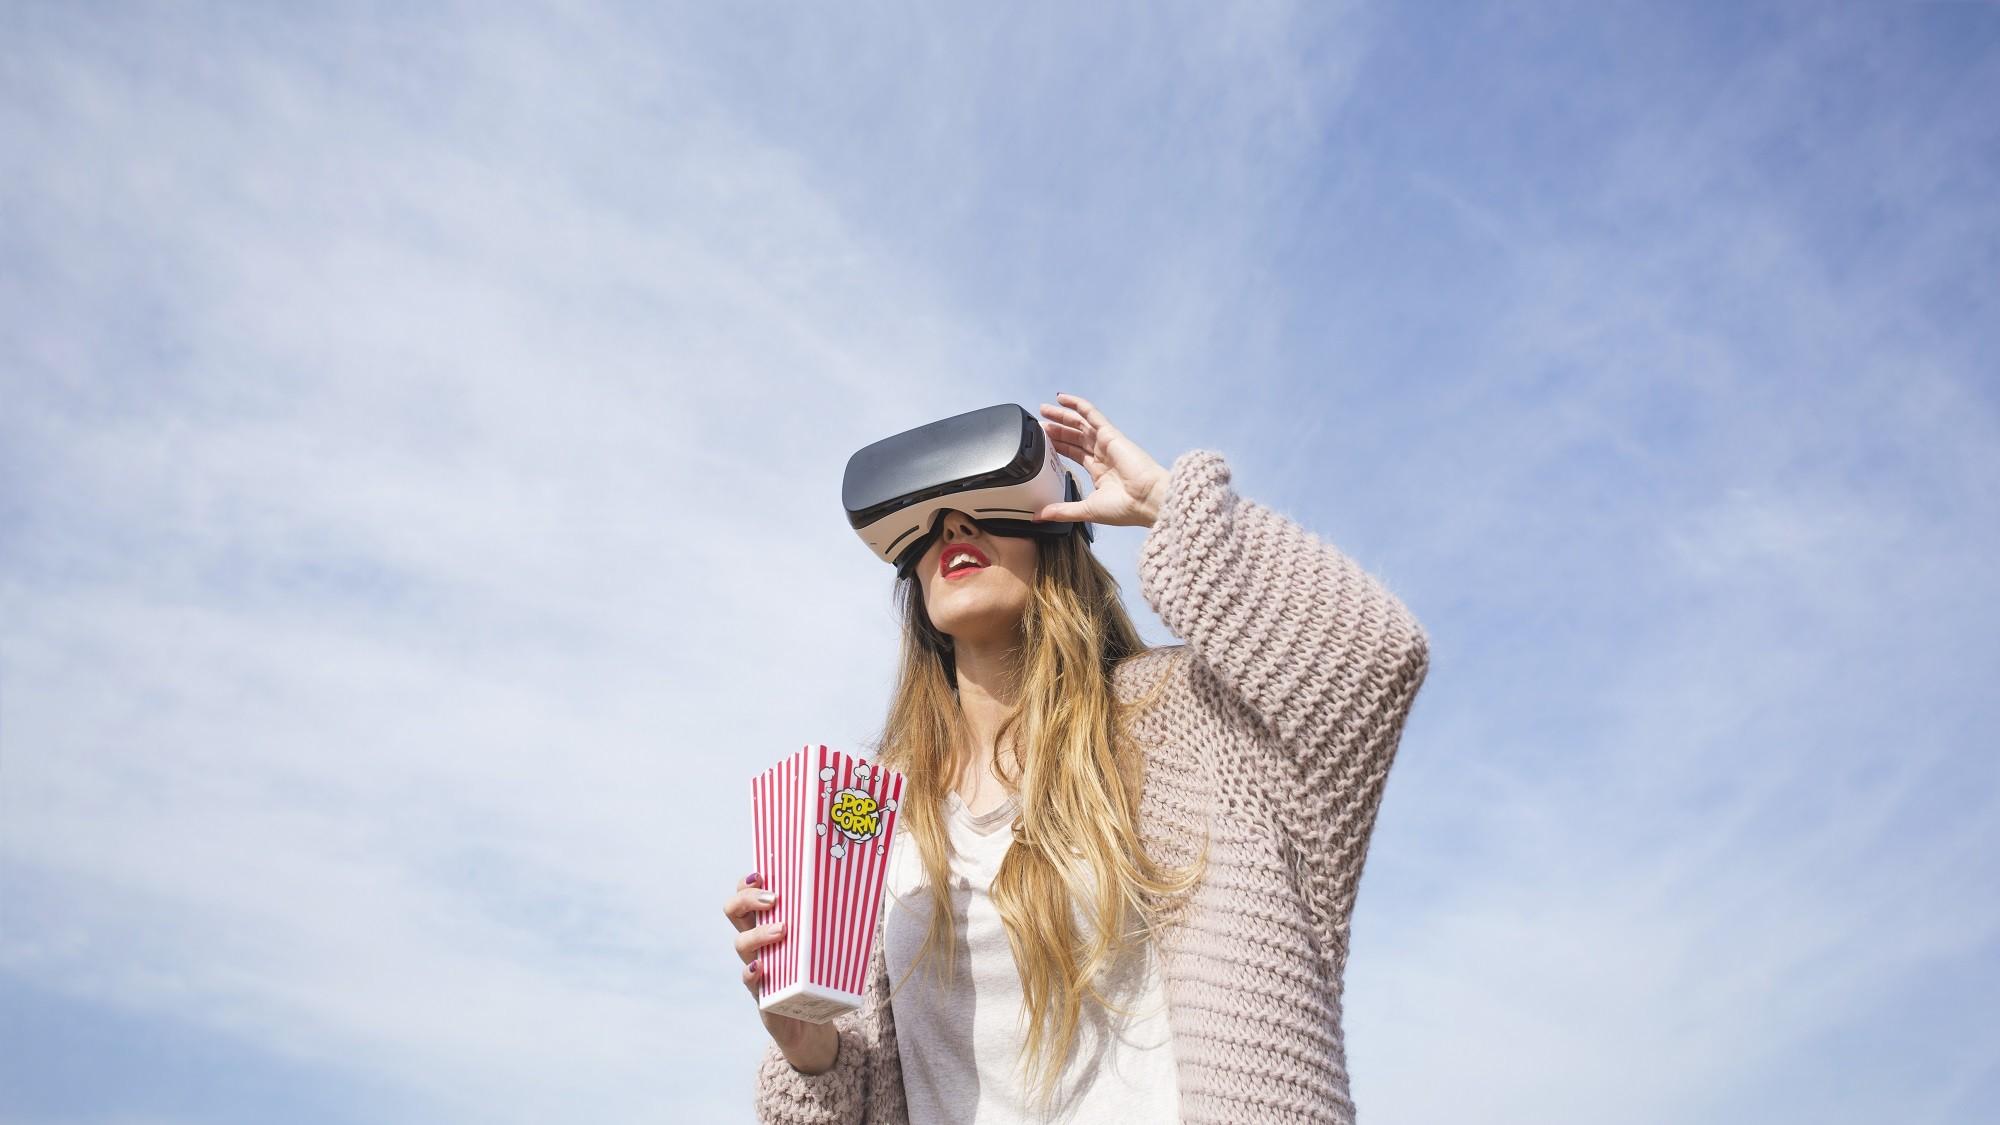 Tour Virtuale 360°